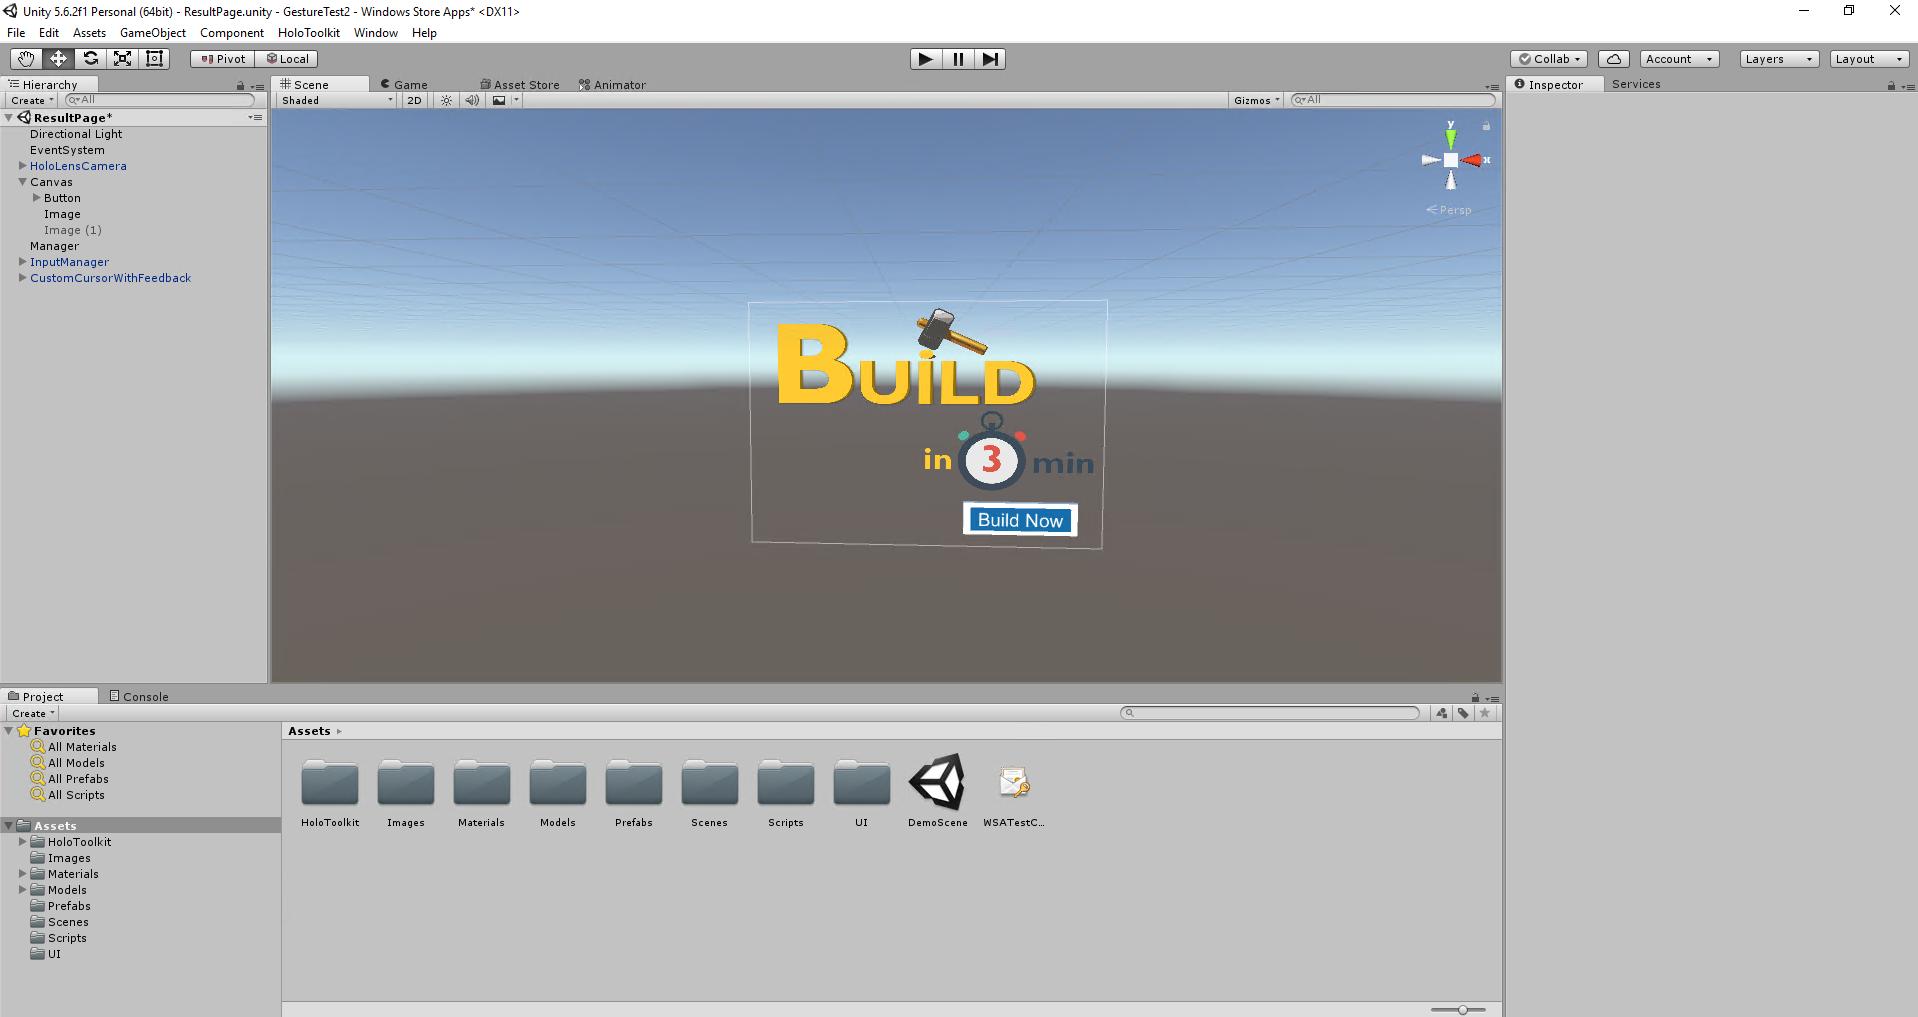 Build in 3 min